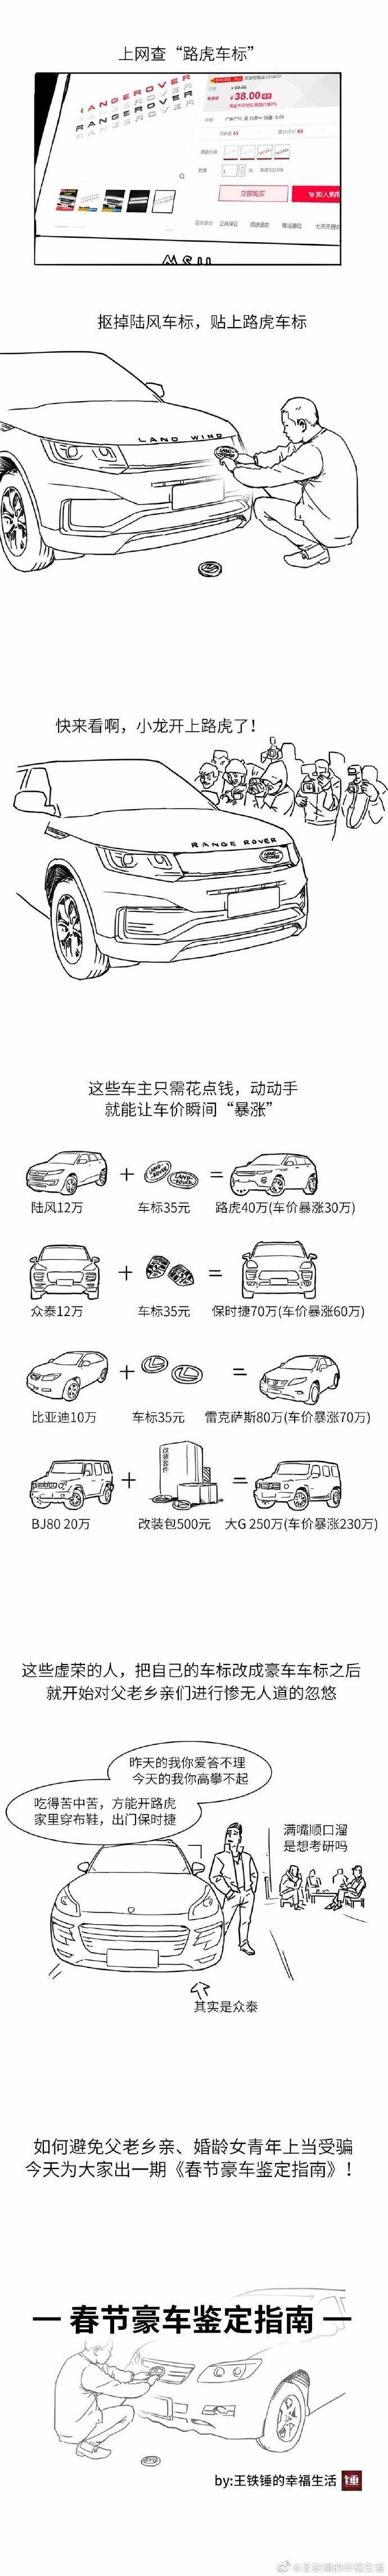 春节防装逼必备:假豪车鉴定指南  liuliushe.net六六社 第2张